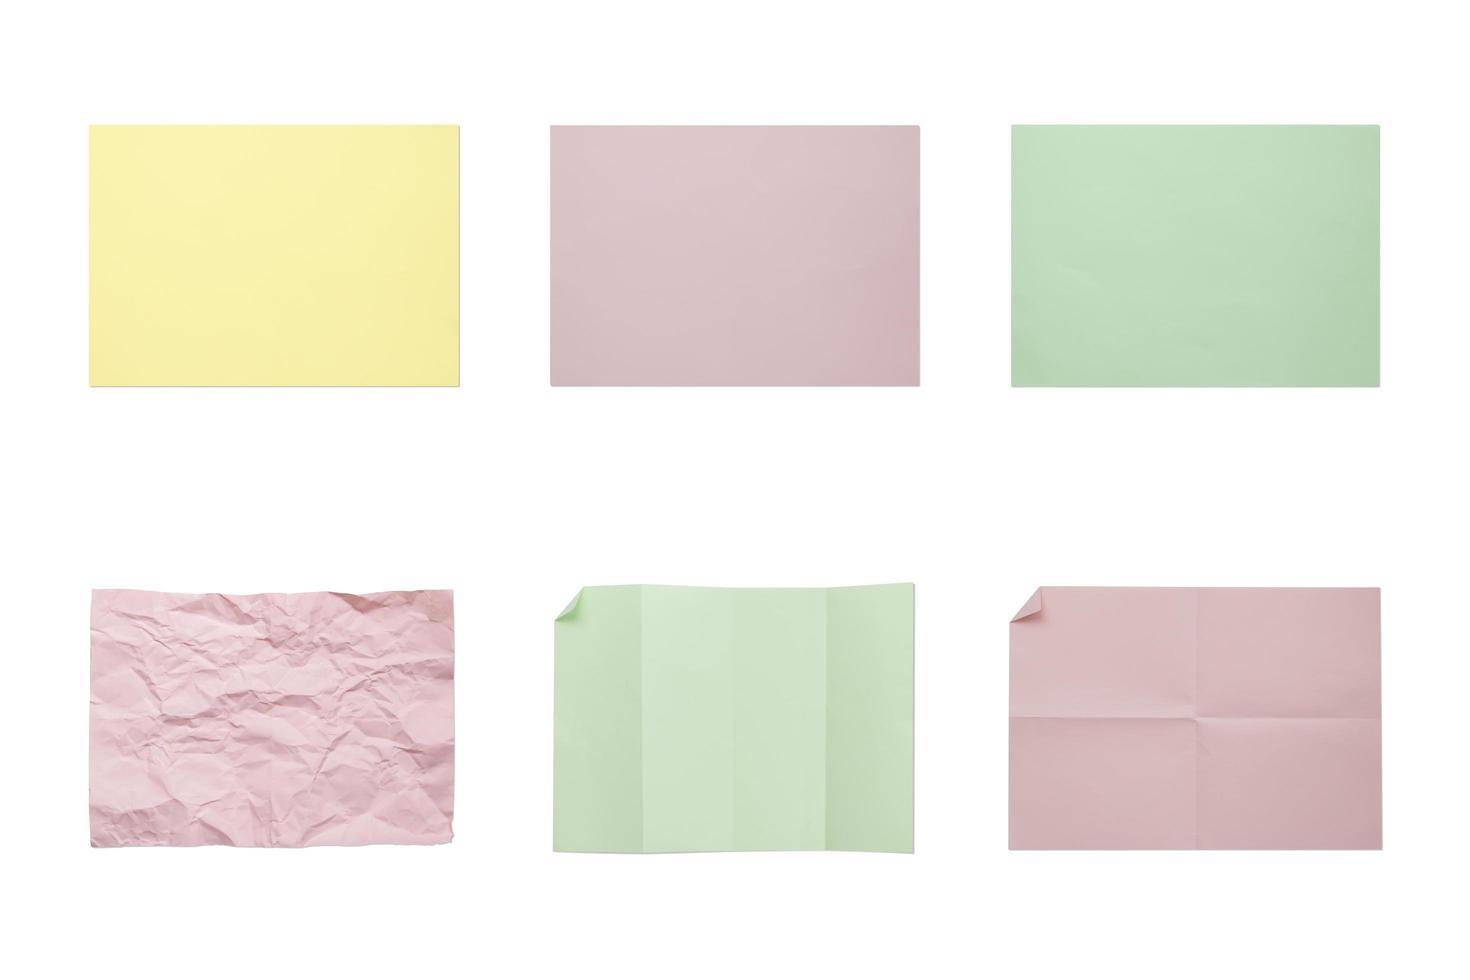 collection de groupe de papiers 4a vierges colorés photo